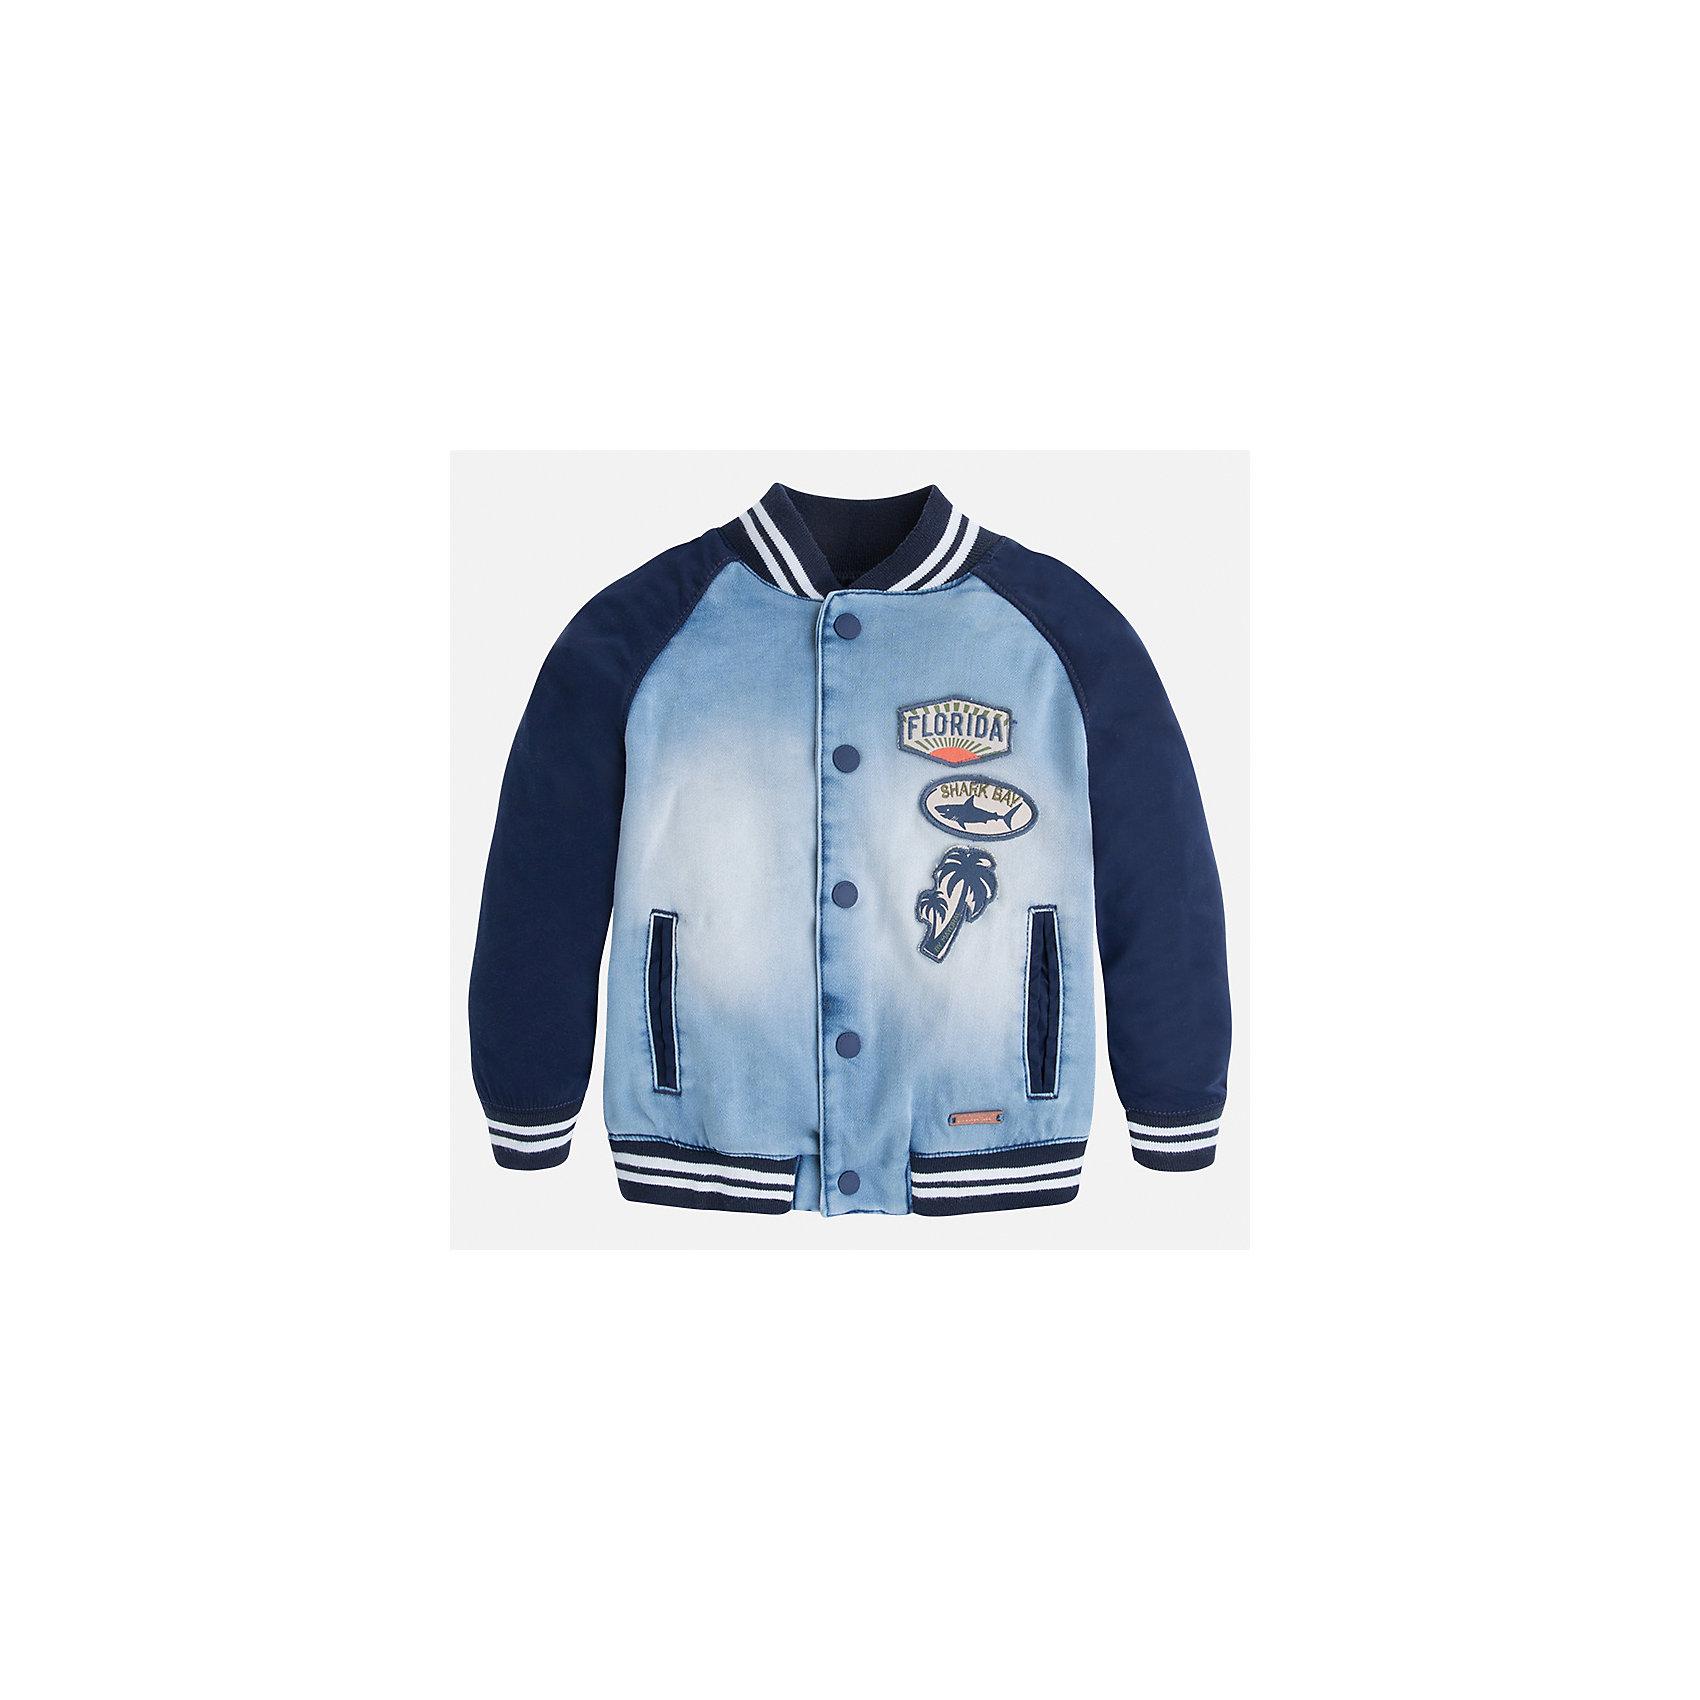 Куртка для мальчика MayoralВетровки и жакеты<br>Характеристики товара:<br><br>• цвет: голубой/синий<br>• состав: 57% полиэстер, 42% хлопок, 1% эластан<br>• температурный режим: от +20°до +10°С<br>• рукава длинные <br>• карманы<br>• кнопки <br>• нашивки<br>• страна бренда: Испания<br><br>Теплая одежда может быть очень стильной! Удобная и красивая куртка для мальчика поможет разнообразить гардероб ребенка и обеспечить комфорт. Она отлично сочетается и с джинсами, и с брюками. Универсальный цвет позволяет подобрать к вещи низ различных расцветок. Интересная отделка модели делает её нарядной и оригинальной. В составе материала - натуральный хлопок, гипоаллергенный, приятный на ощупь, дышащий.<br><br>Одежда, обувь и аксессуары от испанского бренда Mayoral полюбились детям и взрослым по всему миру. Модели этой марки - стильные и удобные. Для их производства используются только безопасные, качественные материалы и фурнитура. Порадуйте ребенка модными и красивыми вещами от Mayoral! <br><br>Куртку для мальчика от испанского бренда Mayoral (Майорал) можно купить в нашем интернет-магазине.<br><br>Ширина мм: 356<br>Глубина мм: 10<br>Высота мм: 245<br>Вес г: 519<br>Цвет: голубой<br>Возраст от месяцев: 72<br>Возраст до месяцев: 84<br>Пол: Мужской<br>Возраст: Детский<br>Размер: 122,104,92,98,110,116,128,134<br>SKU: 5280567